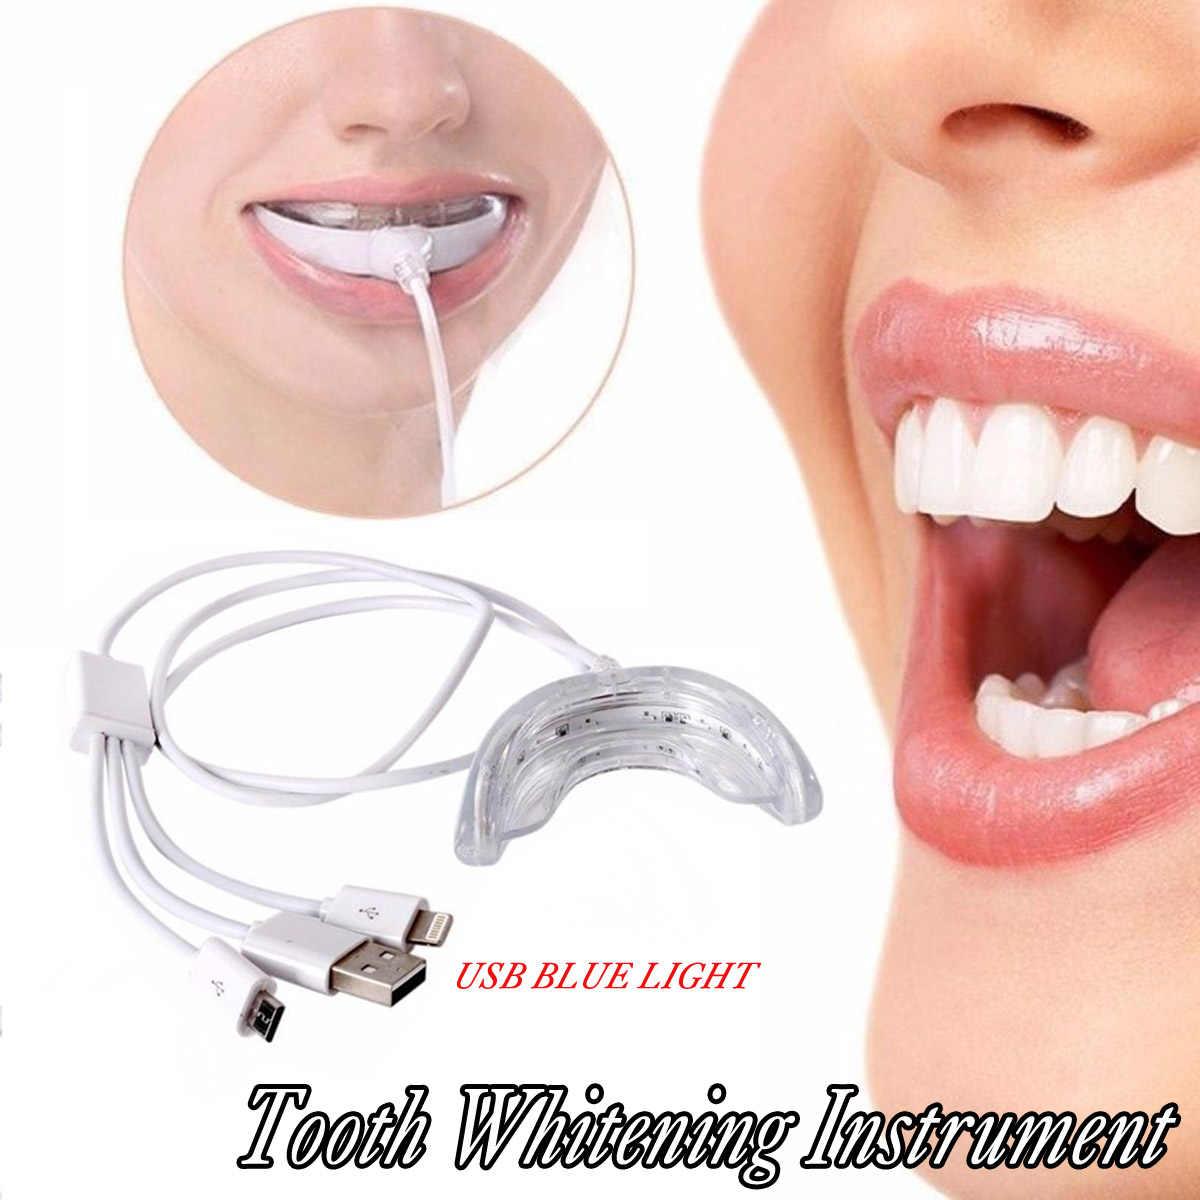 USB эффективный синий свет инструмент для отбеливания зубов холодный светодиодный светильник уход за лампой отбеливание стоматологический инструмент